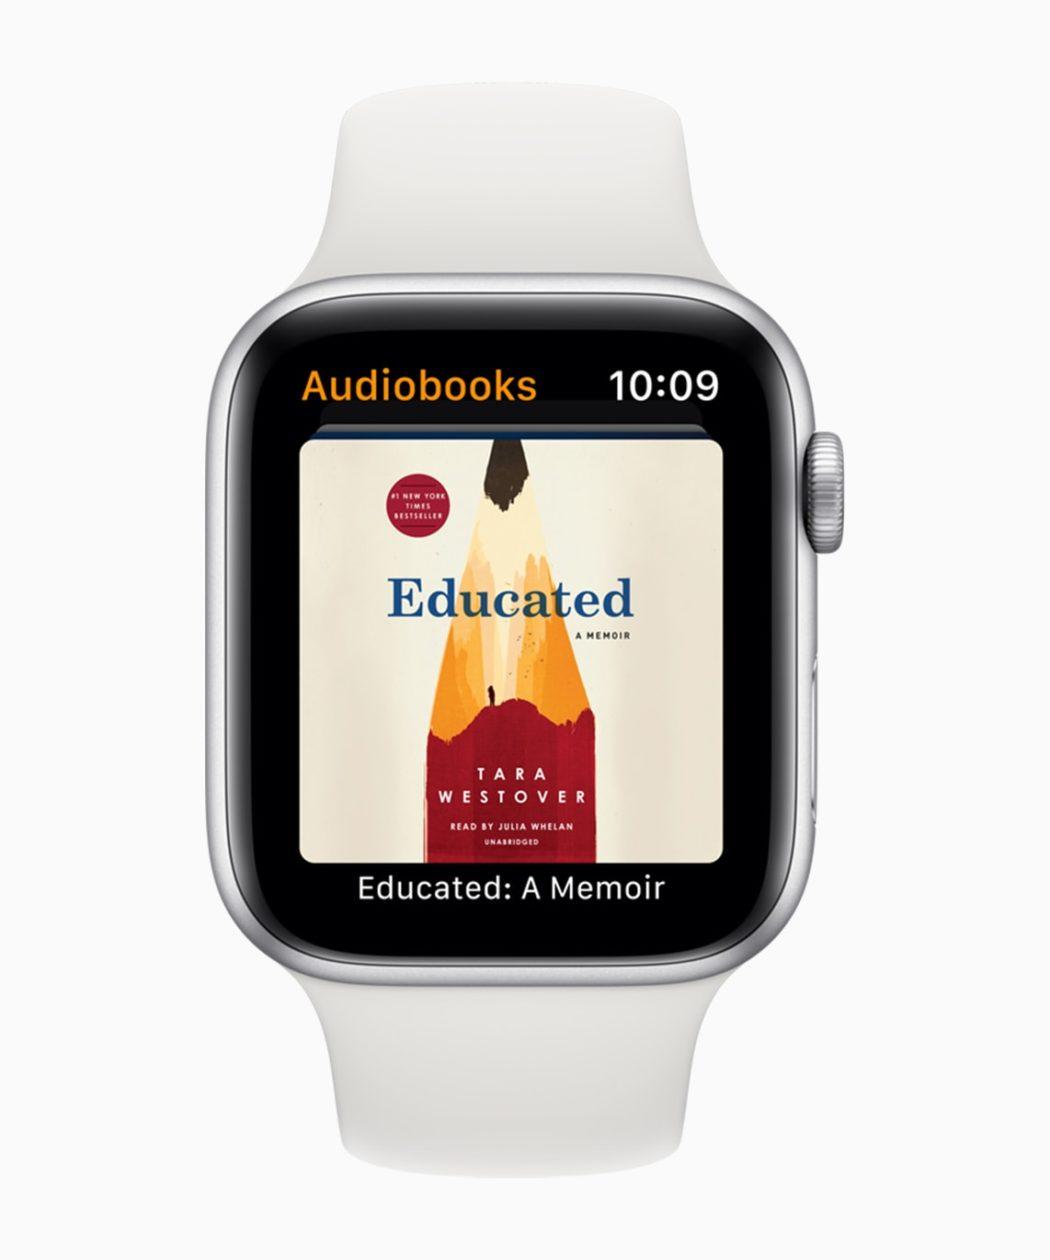 App Audiolivros no watchOS 6